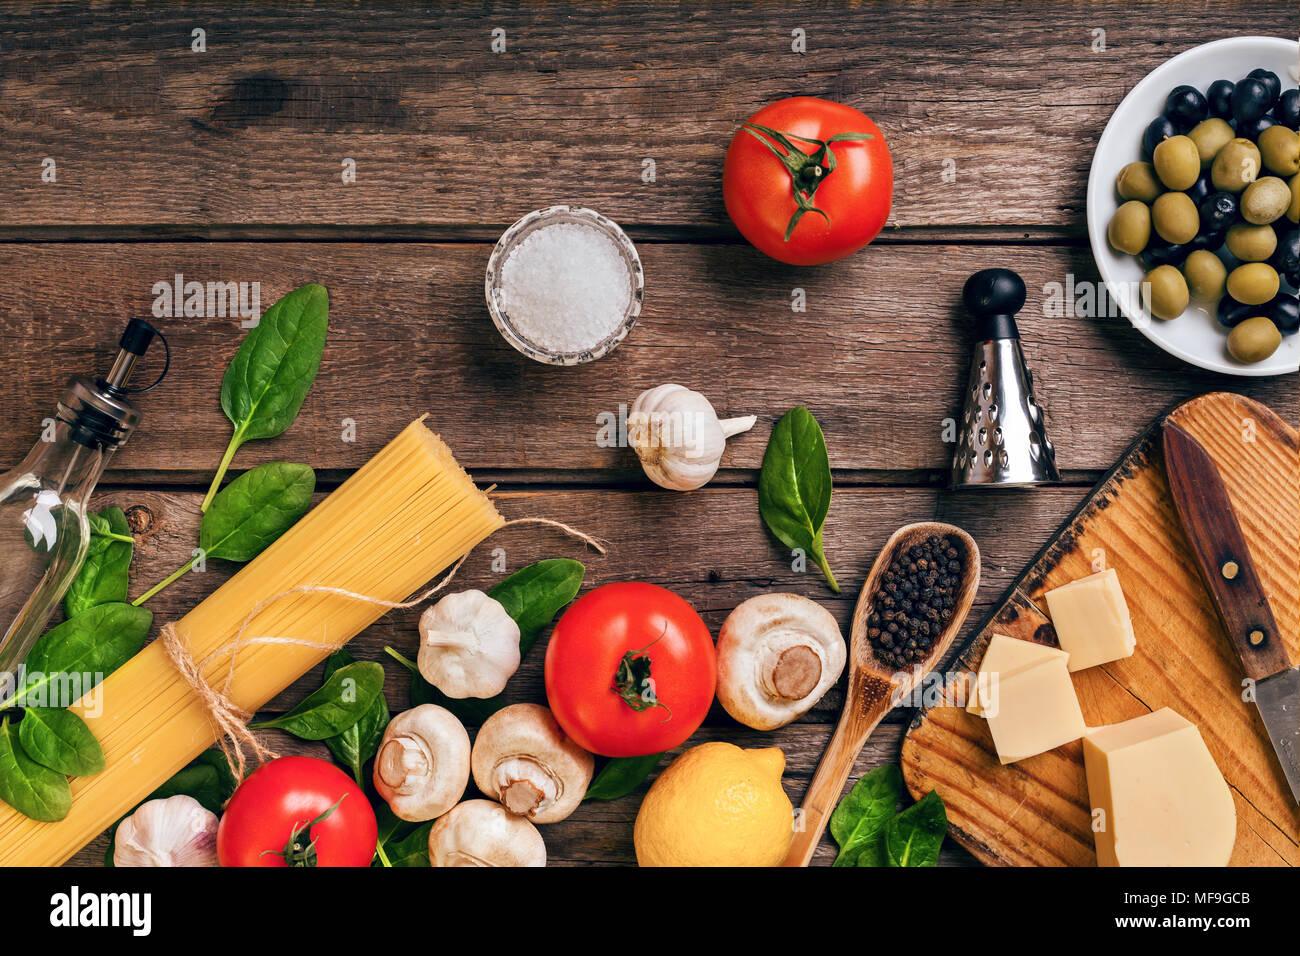 Arrière-plan de cuisine italienne avec des pâtes, d'épices et de légumes. Vue de dessus, copiez l'espace. Photo Stock